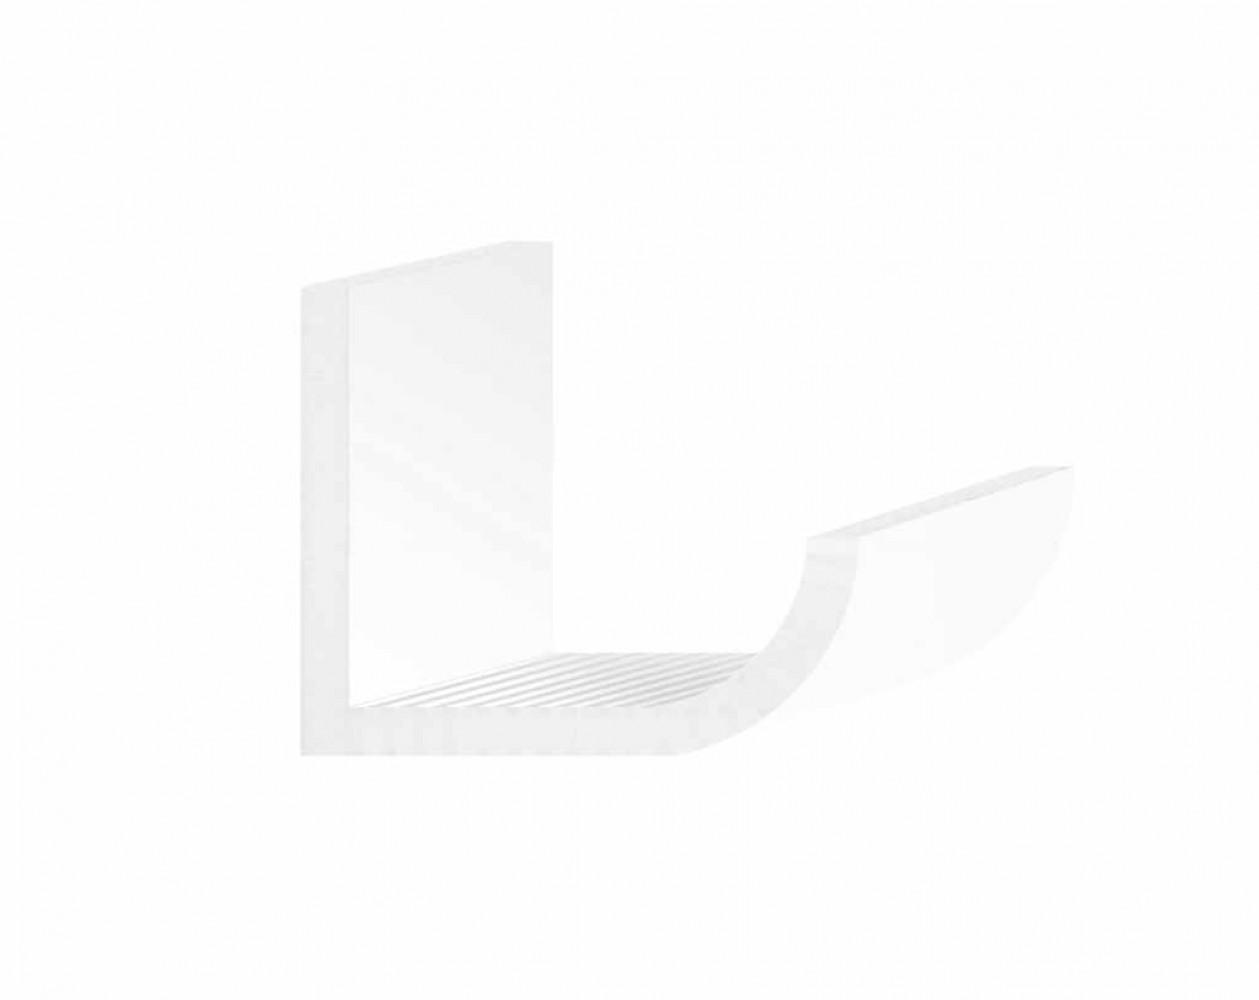 SB-Composite-vit-board-16mm